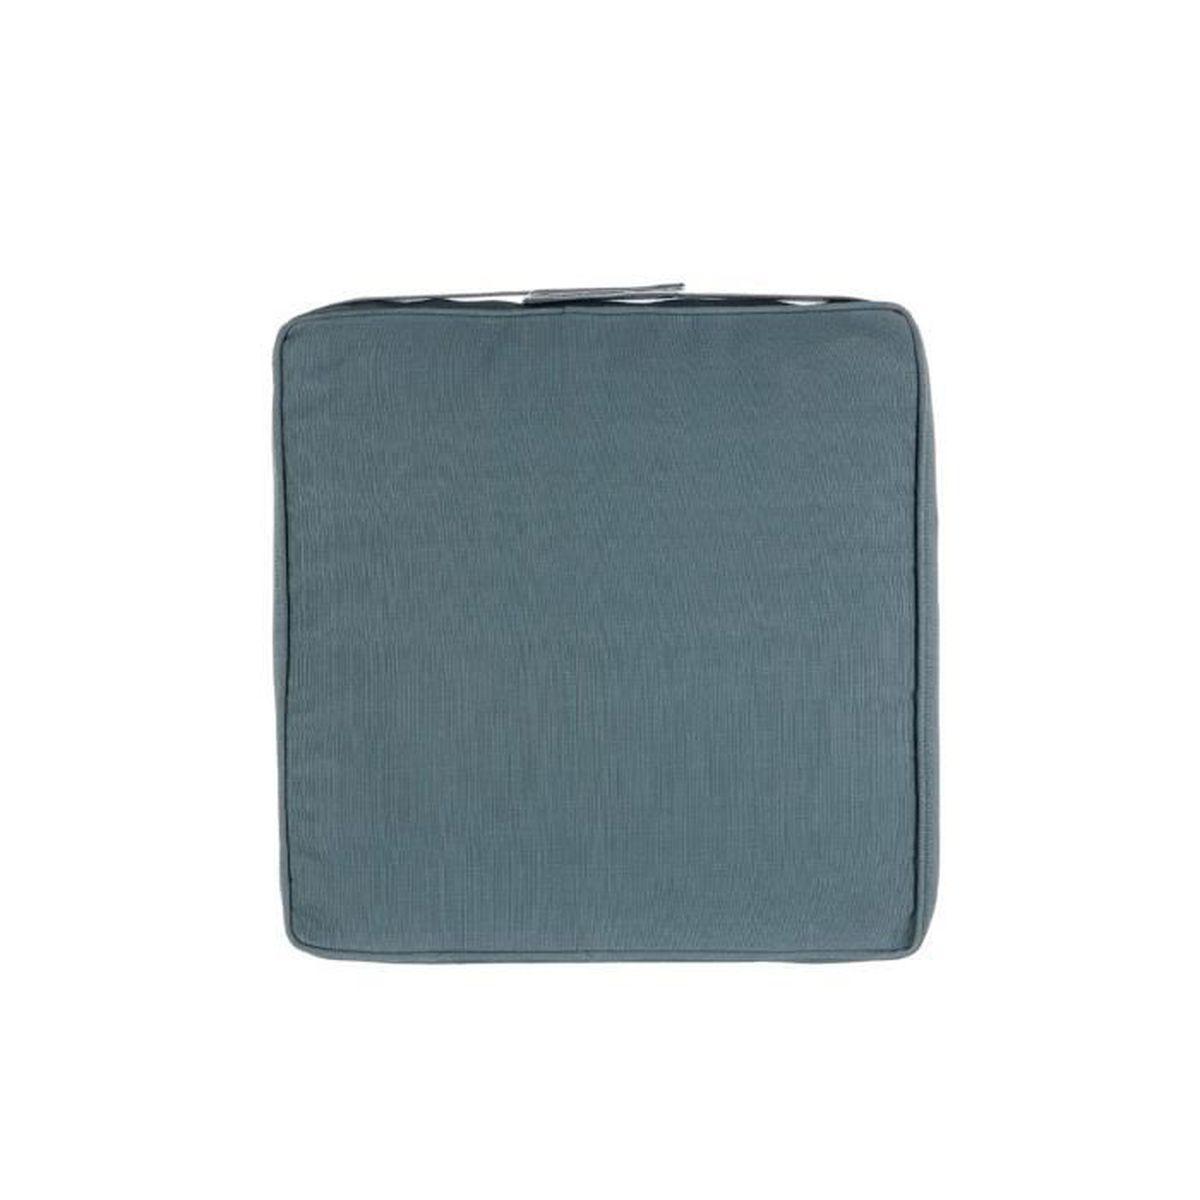 COUSSIN DE CHAISE  Galette de chaise - 40 x 40 cm - Bleu orage